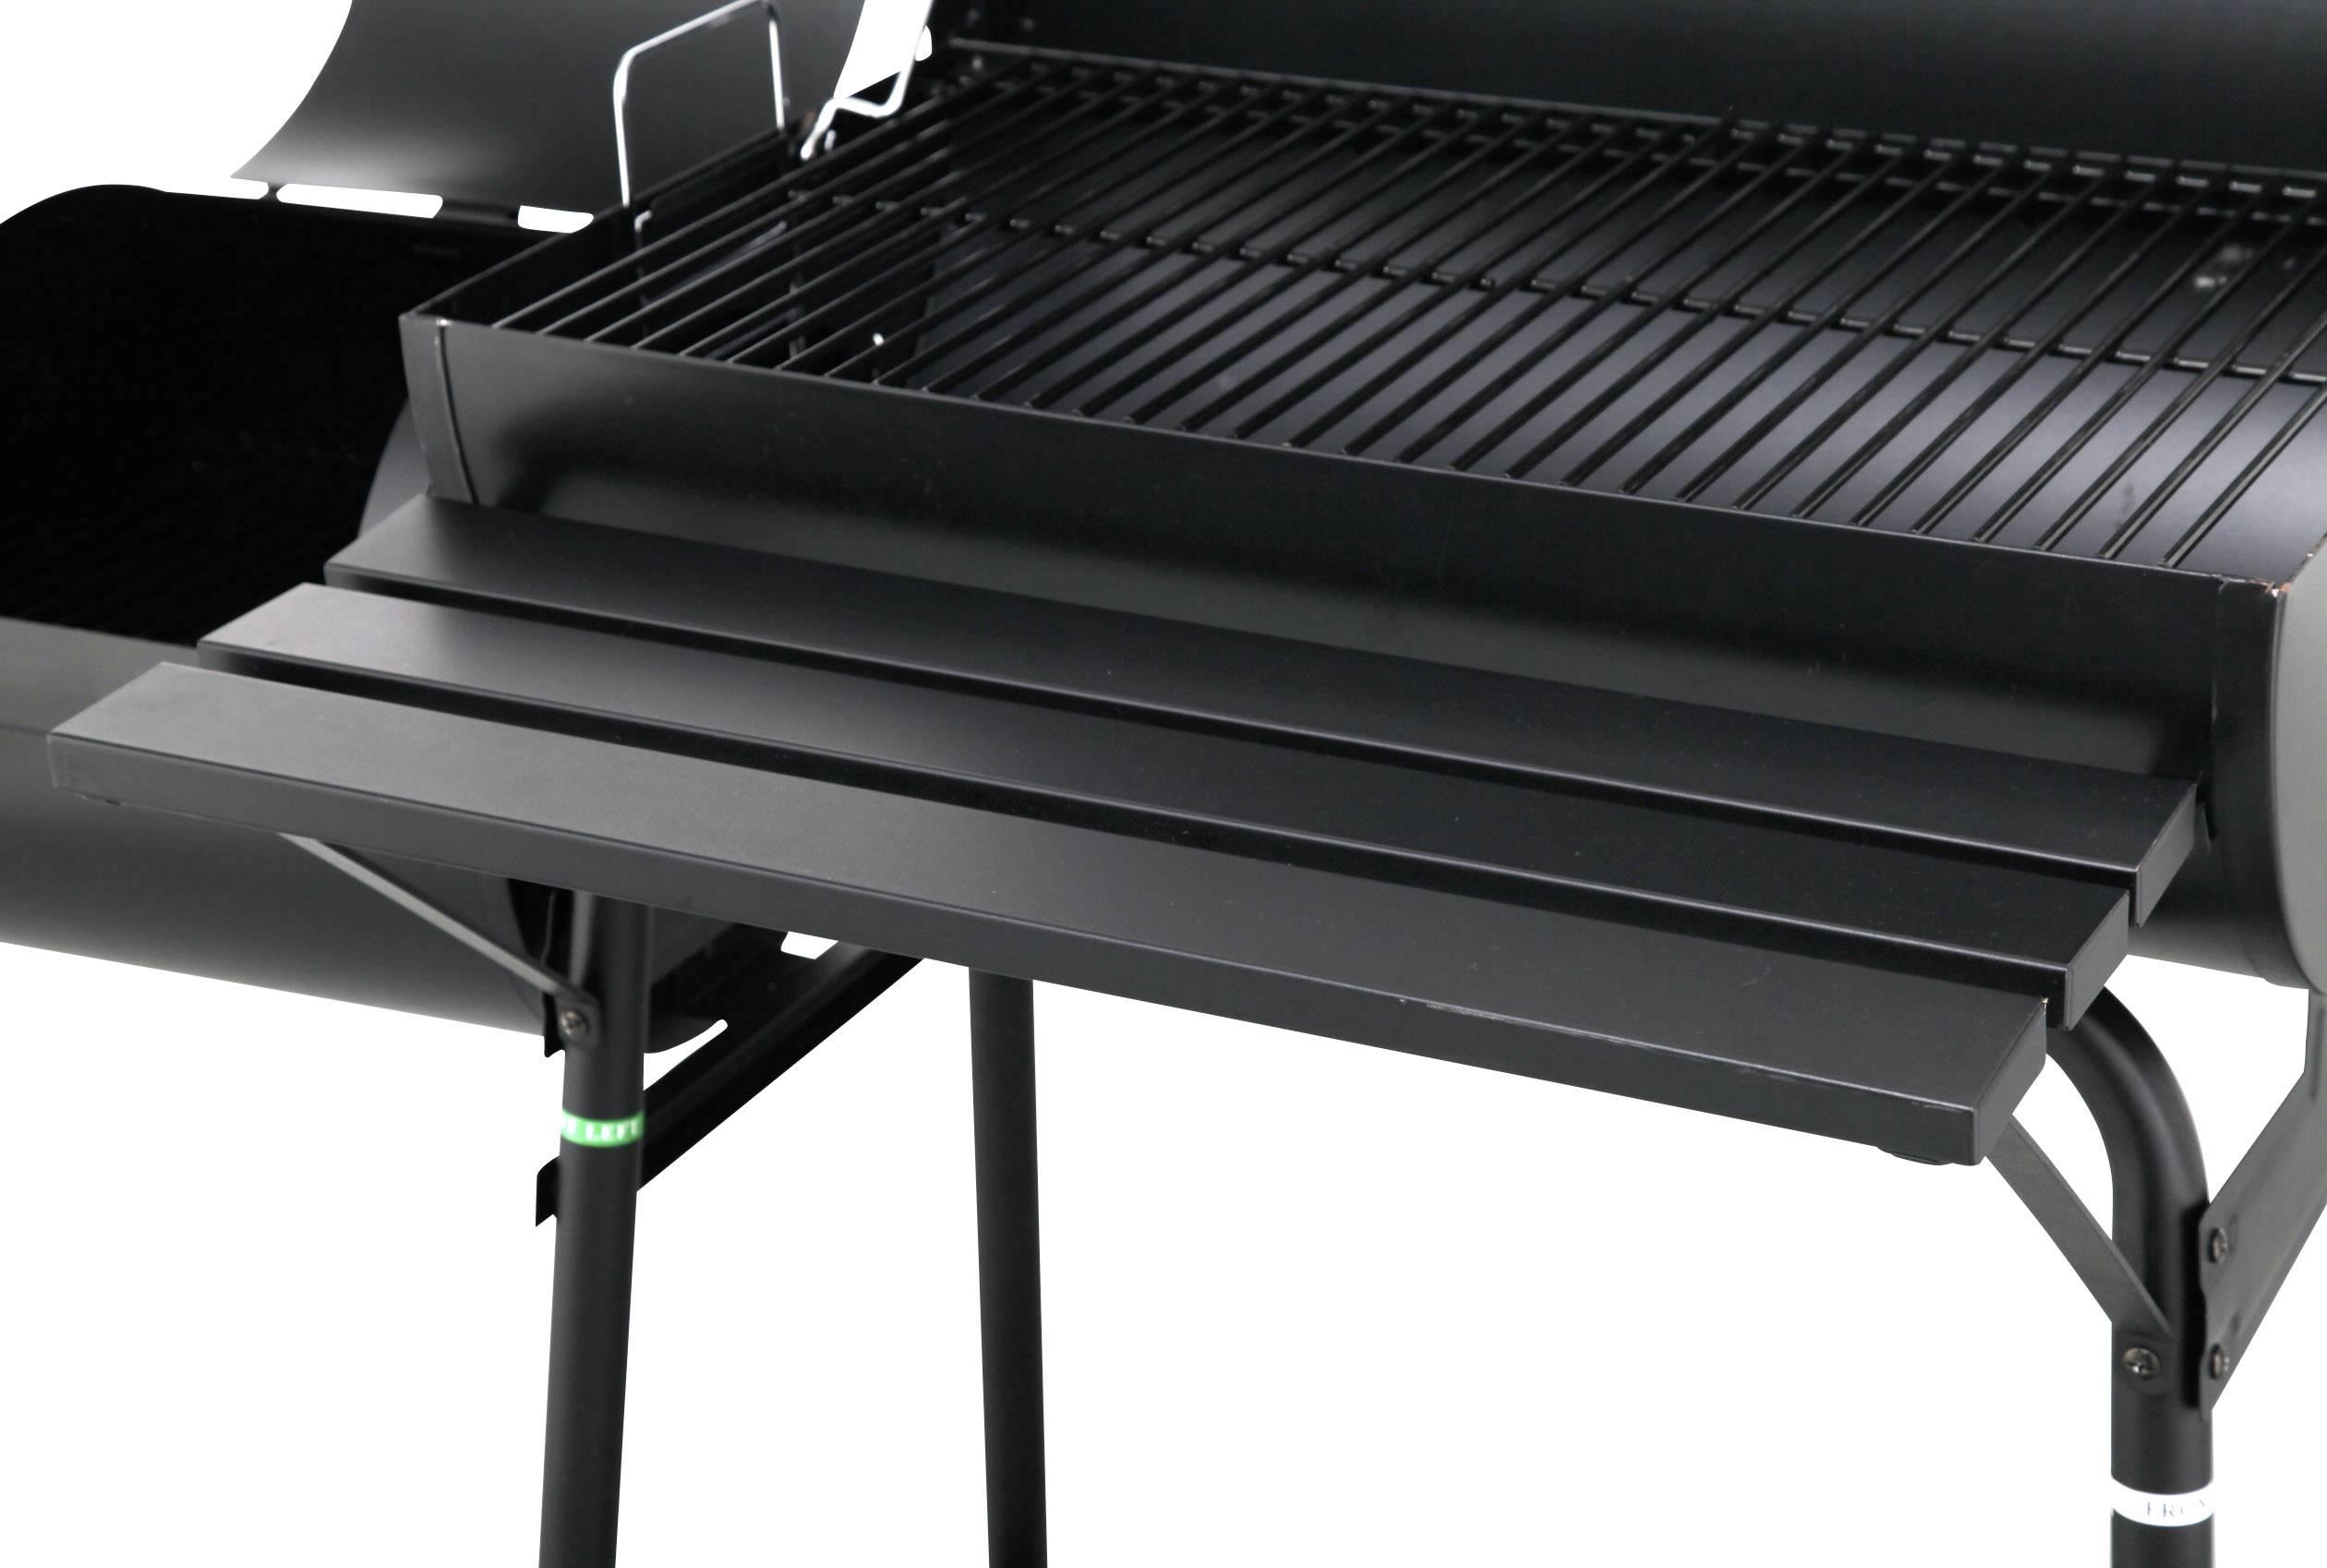 Tepro Toronto Holzkohlegrill Smoken : Smoker bbq grill grillwagen barbecue holzkohlegrill cm rost xxl